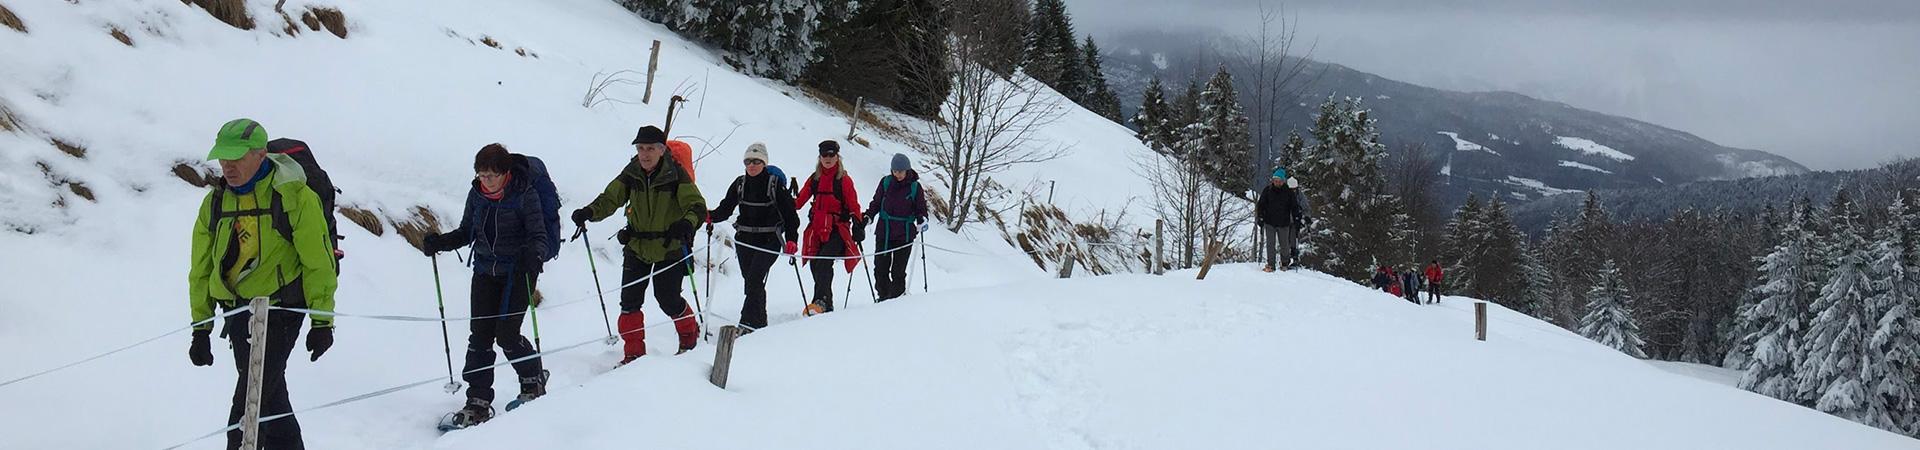 C'est à Lescheraines que le groupe de 16 personnes se regroupe pour ensuite se garer au-dessus d'Arith, au parking de Montagny. Quelques flocons accompagnent nos pas mais au sol, la couche de neige est fine.